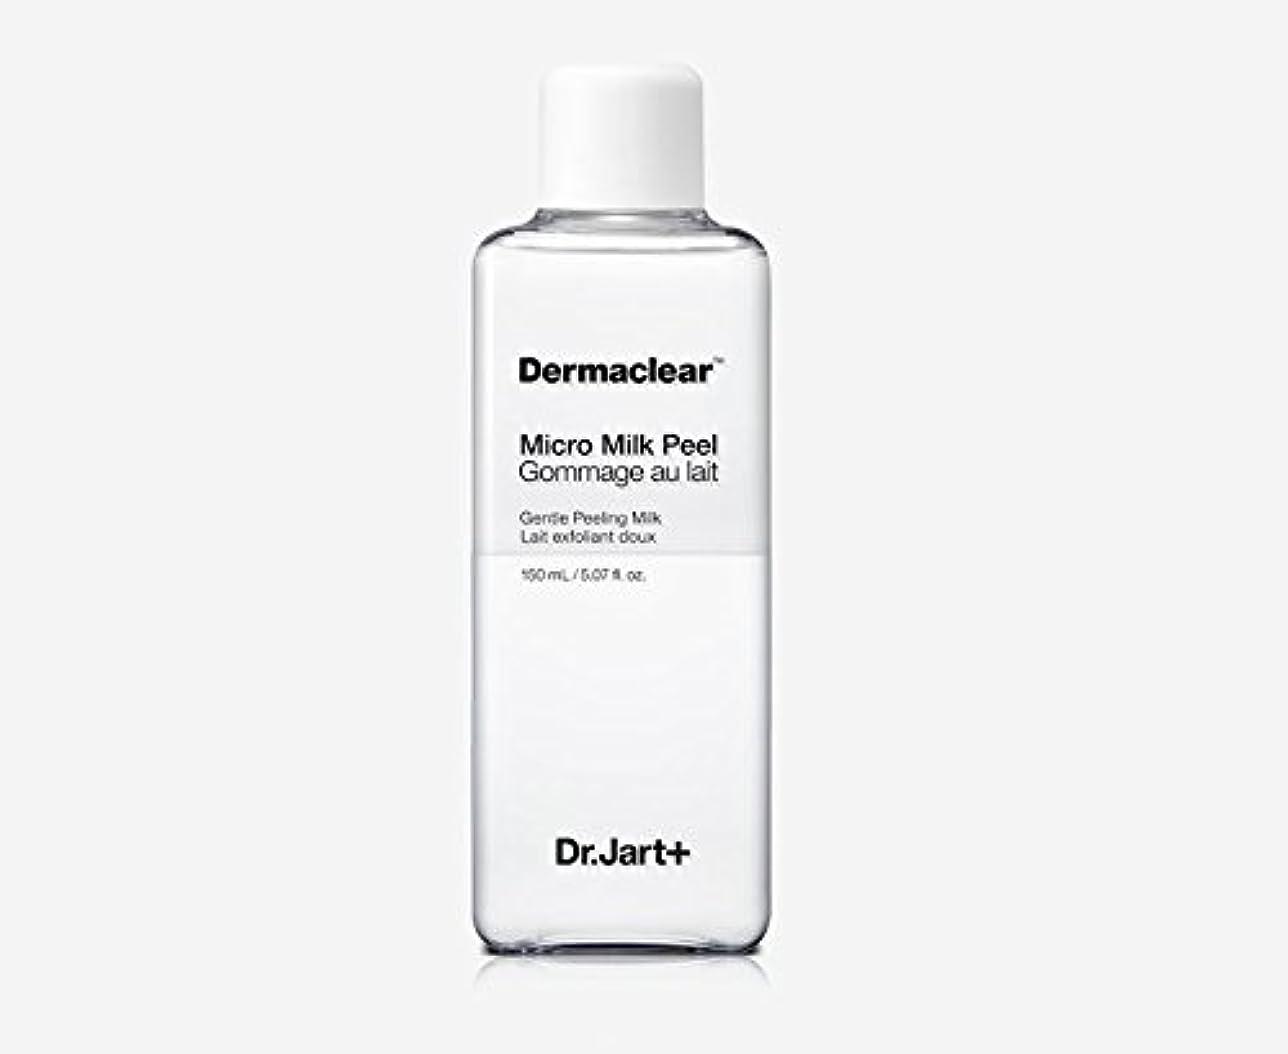 外交官密度算術[ドクタージャルト]Dermaclear Micro Milk Peel 150ml/[ドクタージャルト]ダーマクリアマイクロミルクピール150ml [並行輸入品]